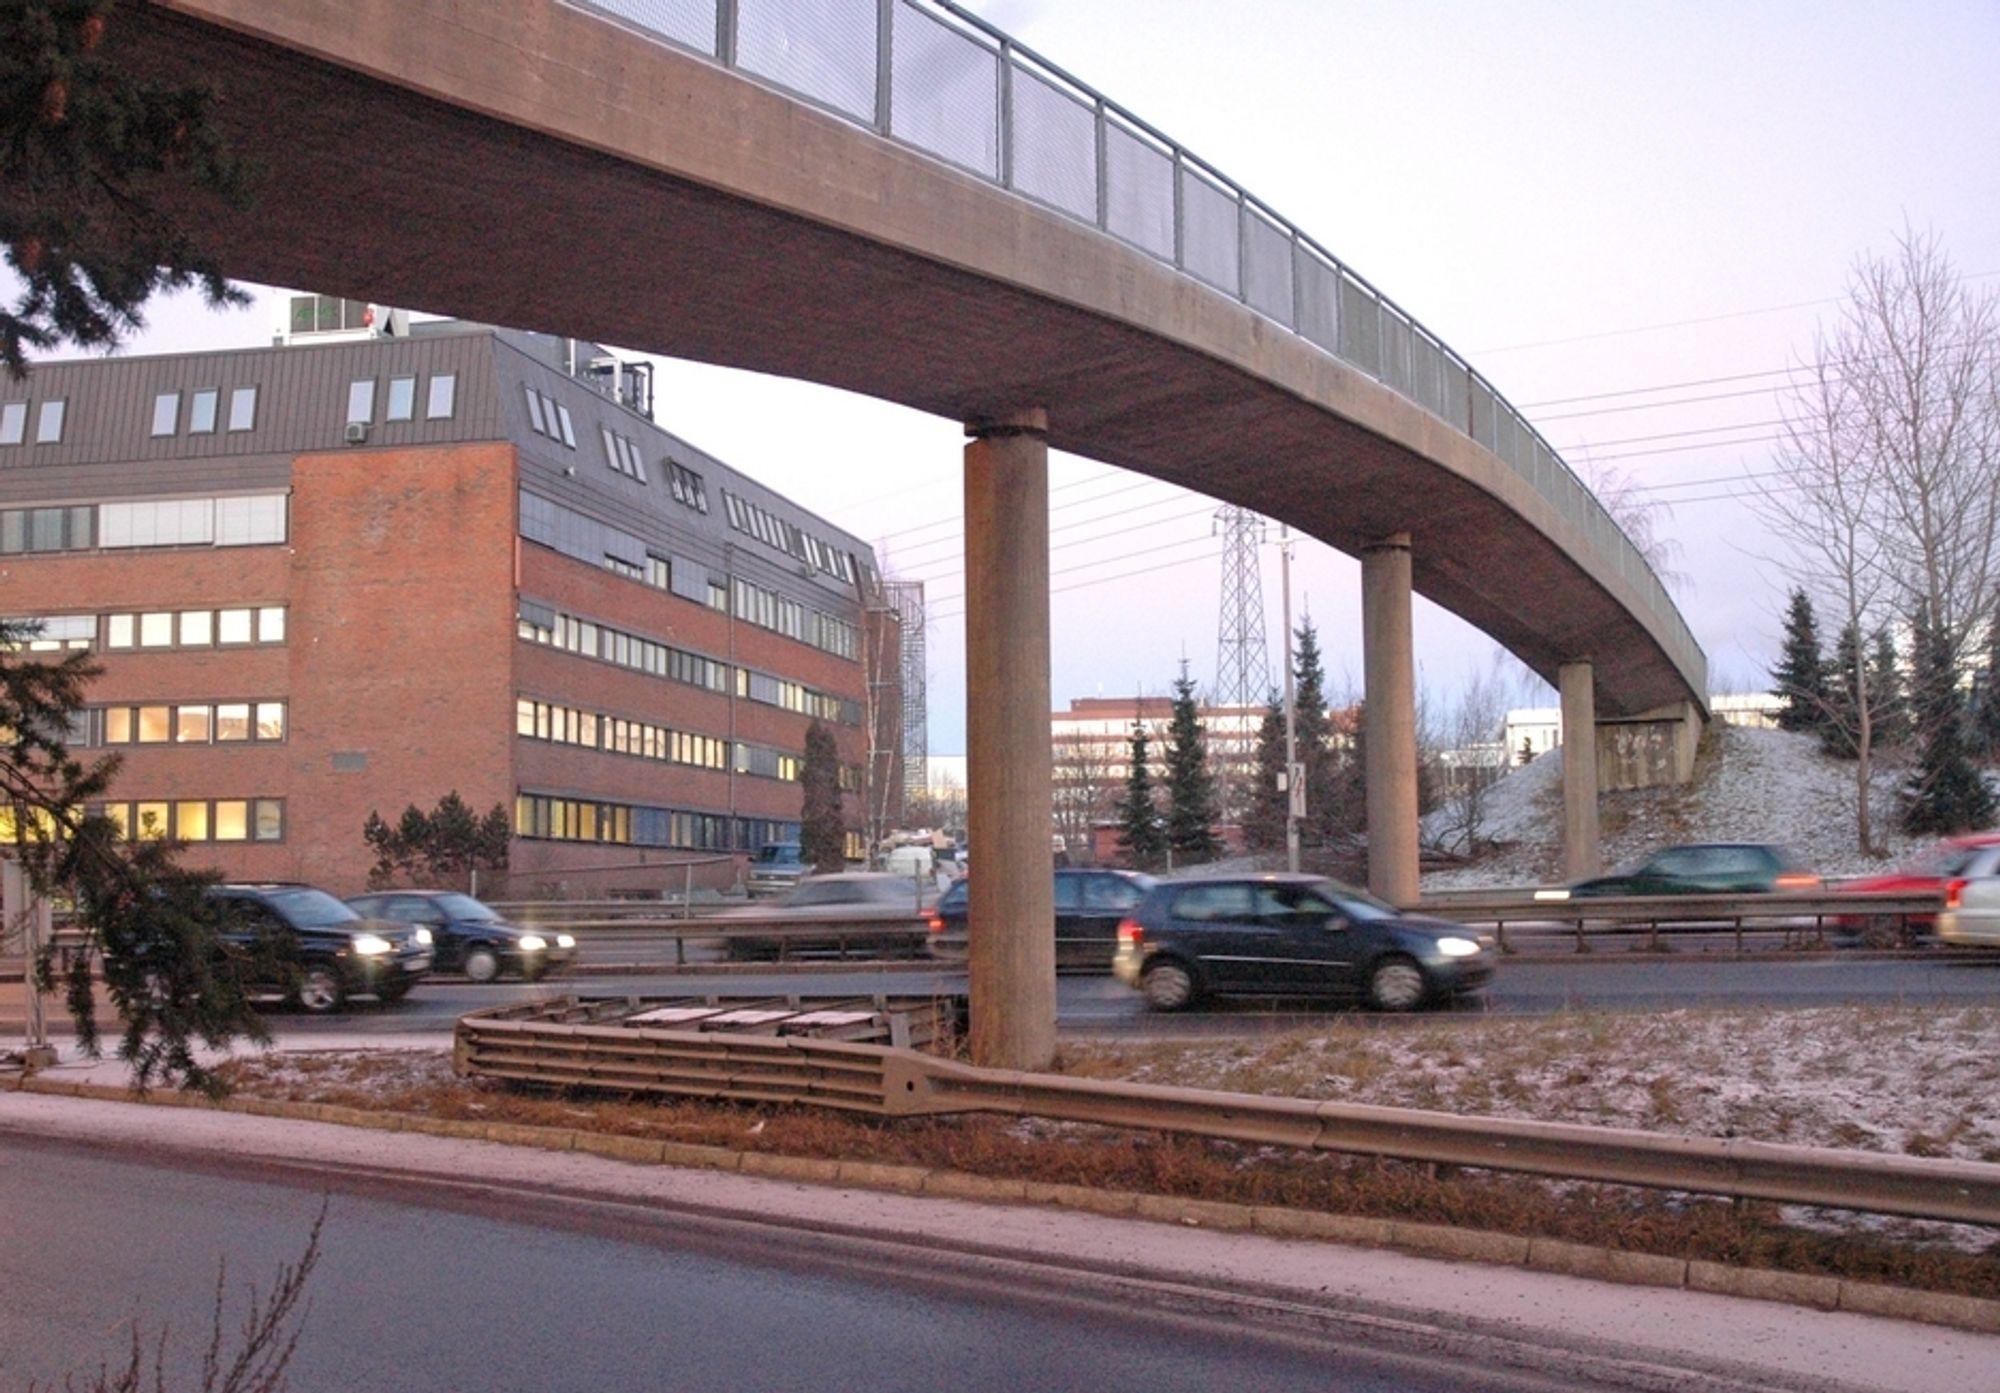 Denne gangbrua over Ring 3 mellom Økern og Ulven skal rives og erstattes av en vegbru som vil lette den interne trafikken i området. I dag fungerer Ring 3 som et effektivt stengsel for lokaltrafikken.